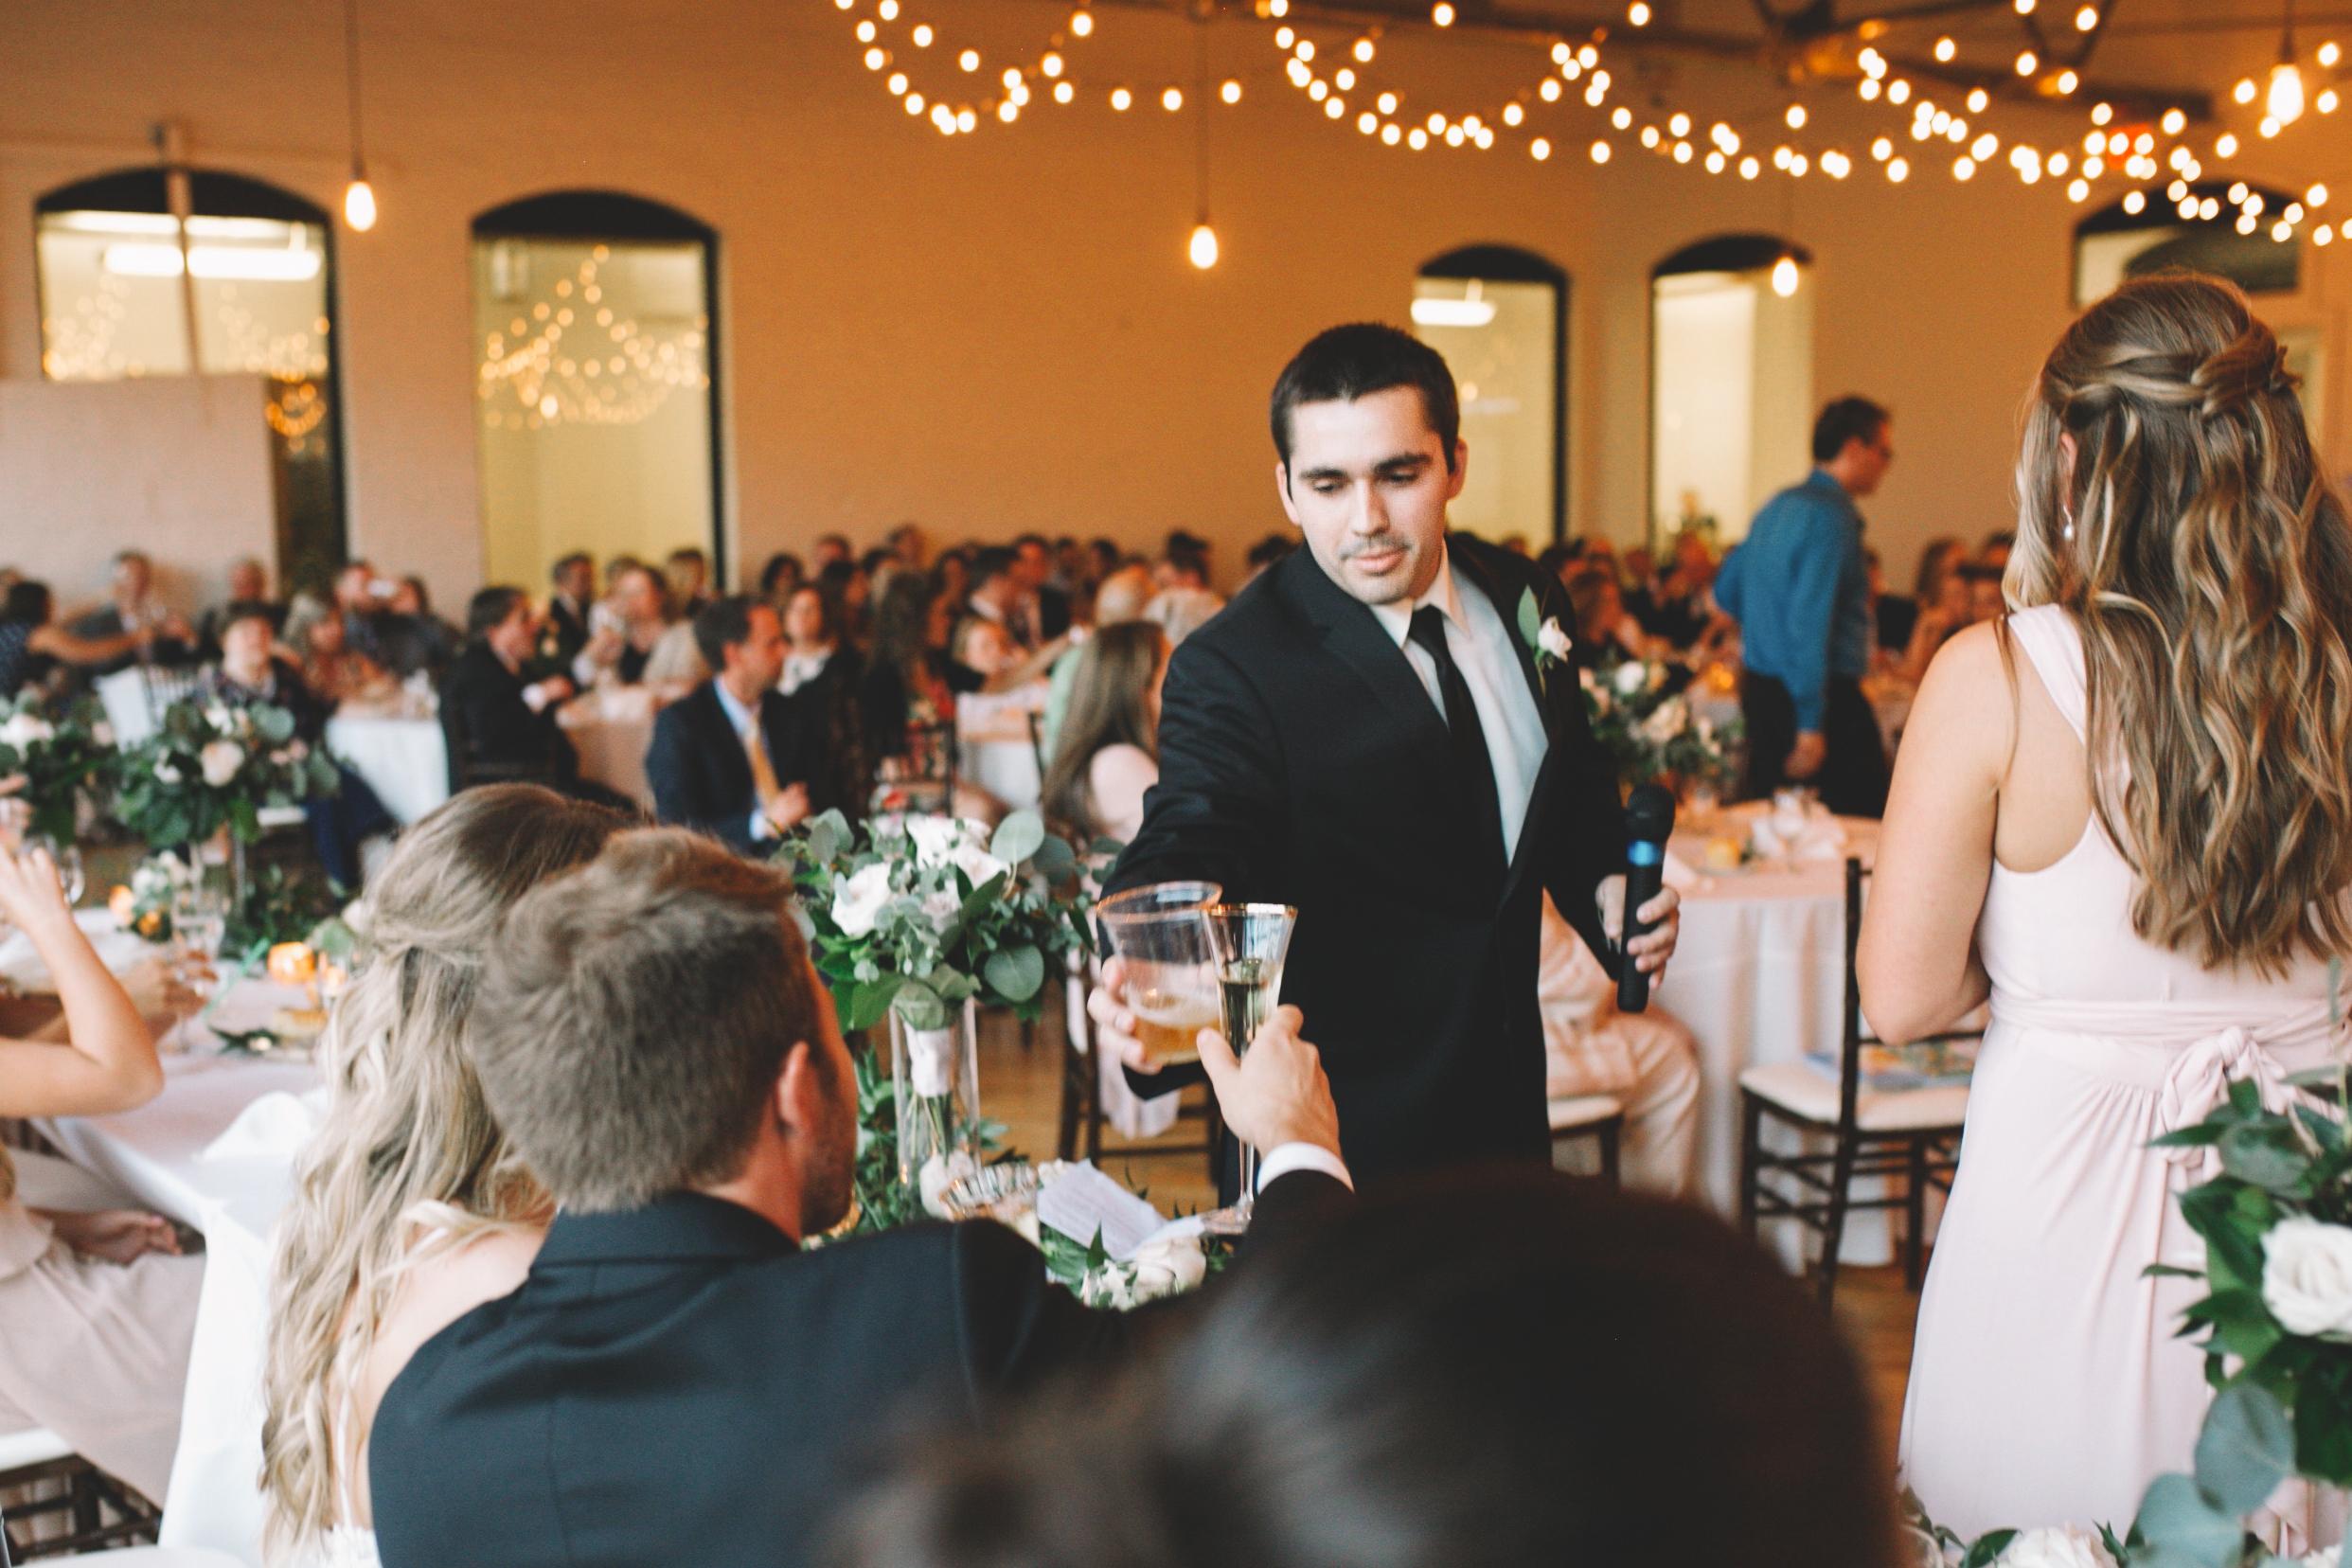 Mitch + Elizabeth The Pointe Wedding Louisville KY  (780 of 1023).jpg